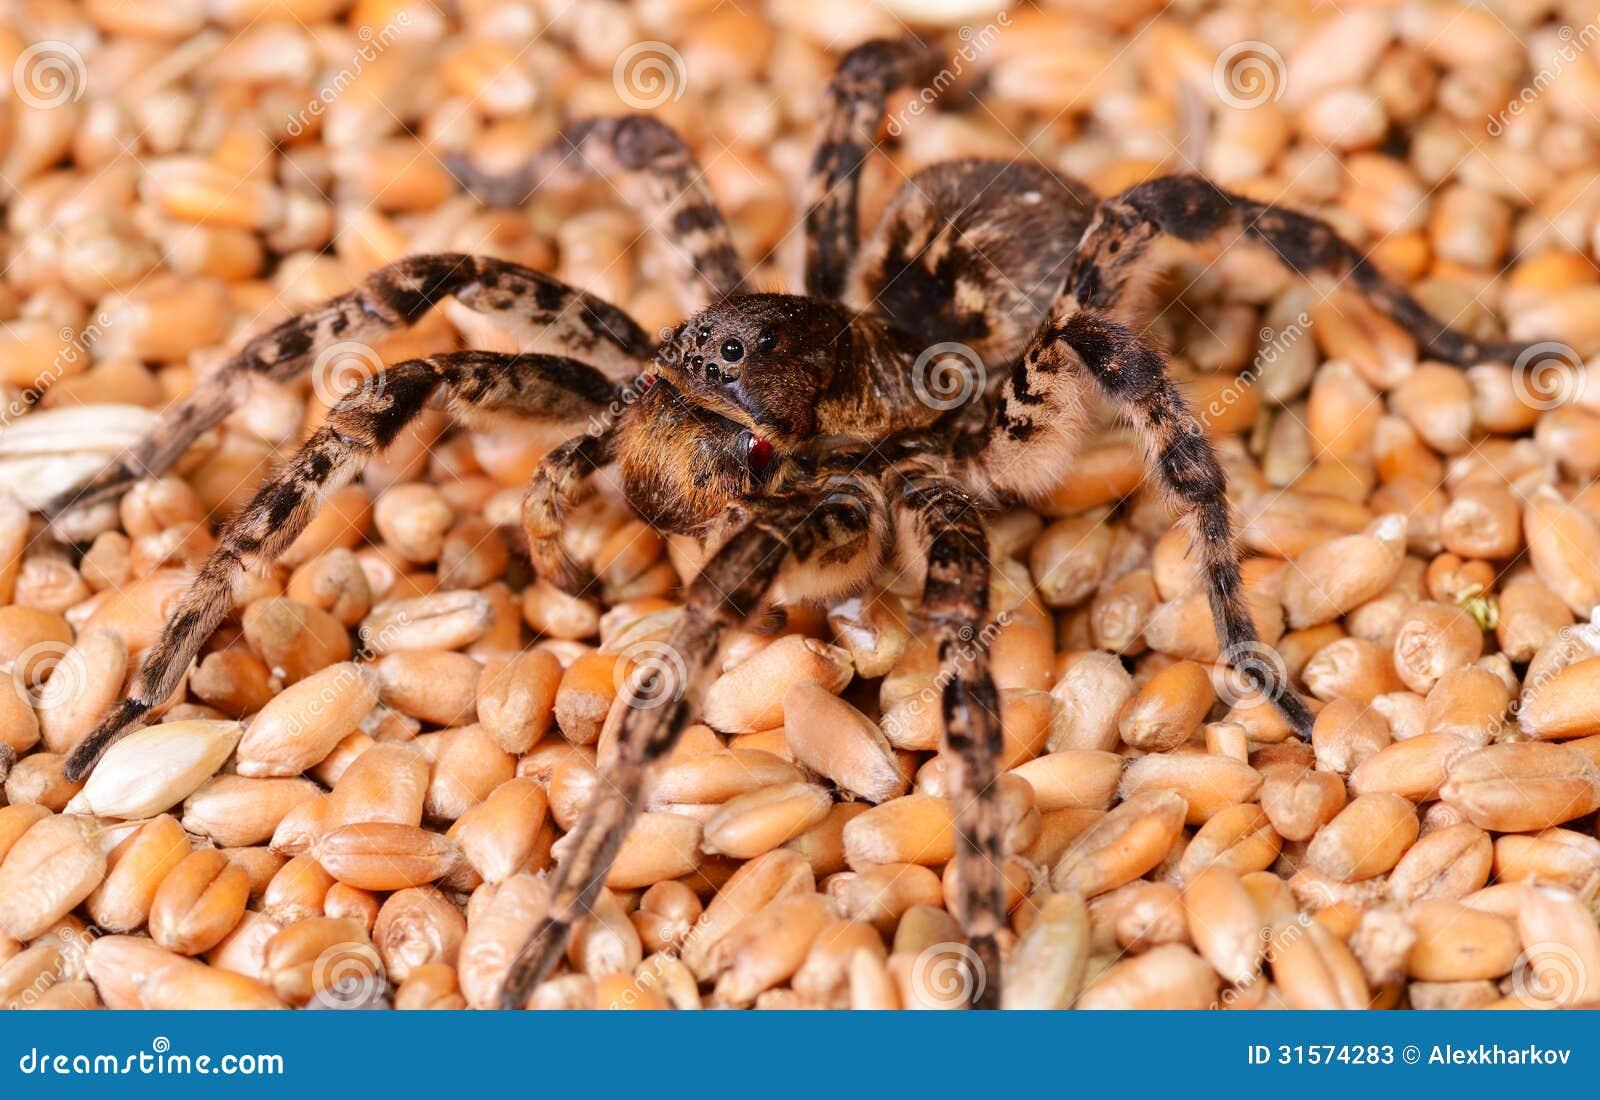 De macro van de tarantulaspin